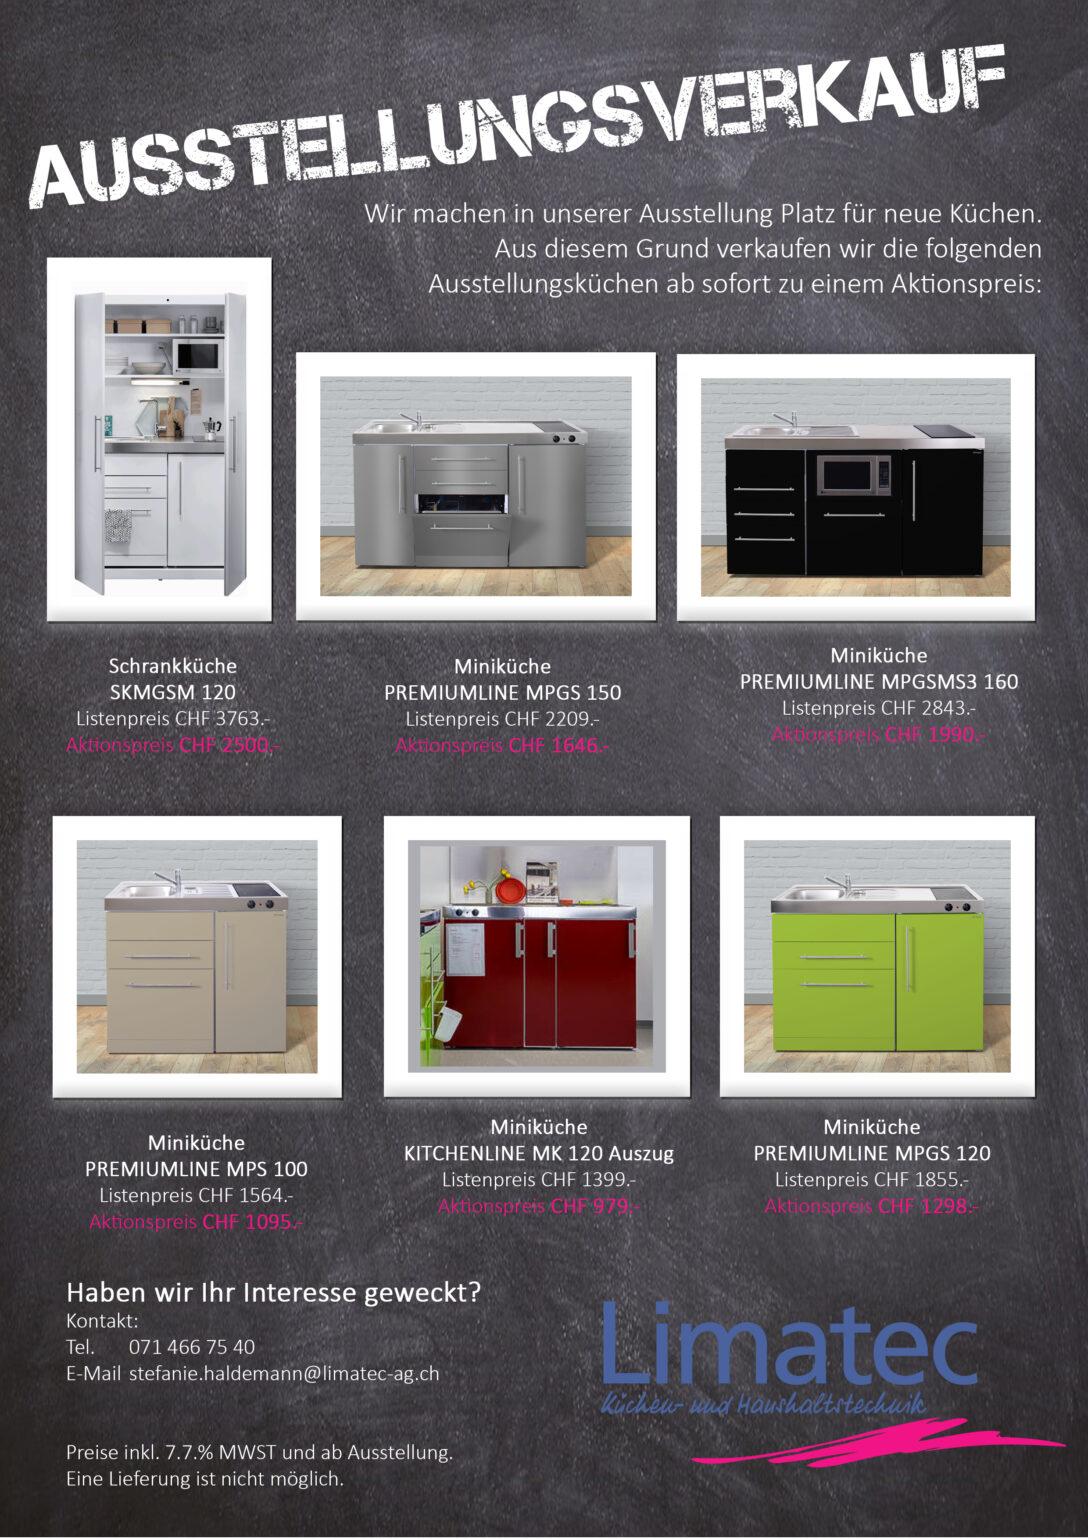 Large Size of Minikchen Singlekchen Gnstig Online Kaufen Limatec Wohnzimmer Miniküchen